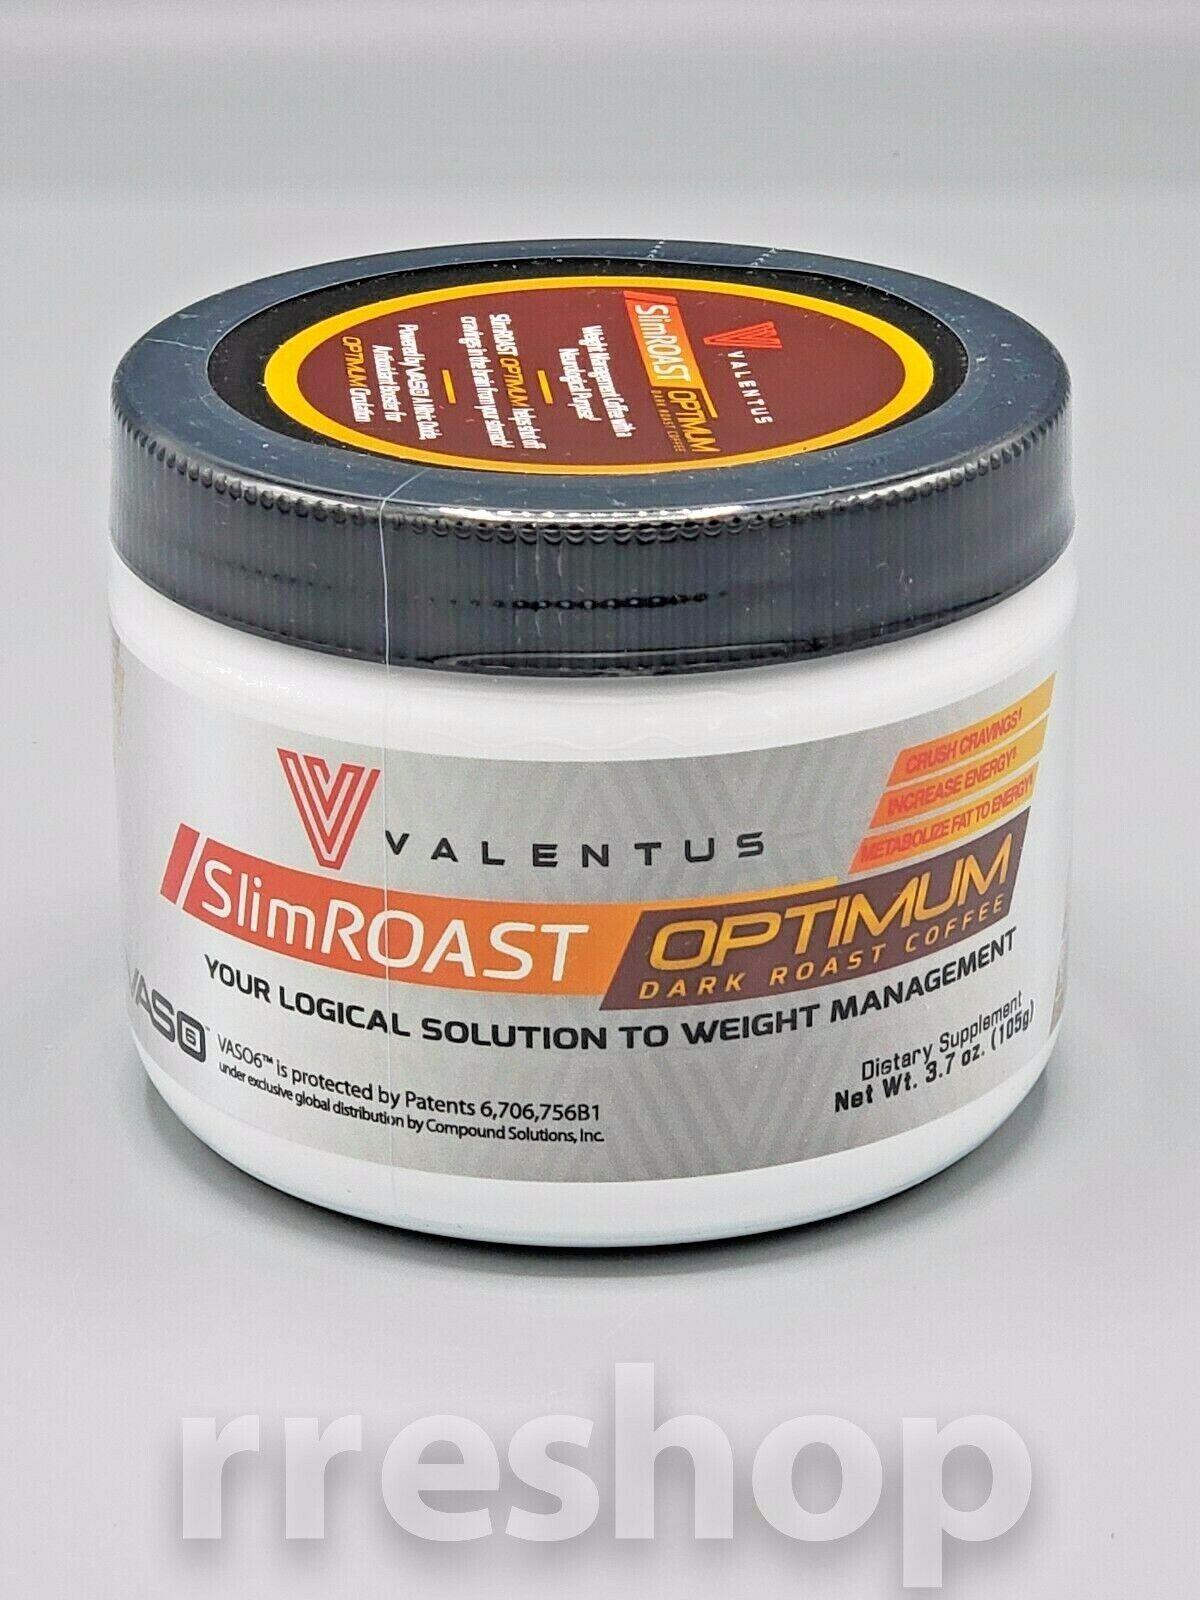 Valentus Slimroast Optimum Dark Roast Coffee 3 7 Oz Ebay